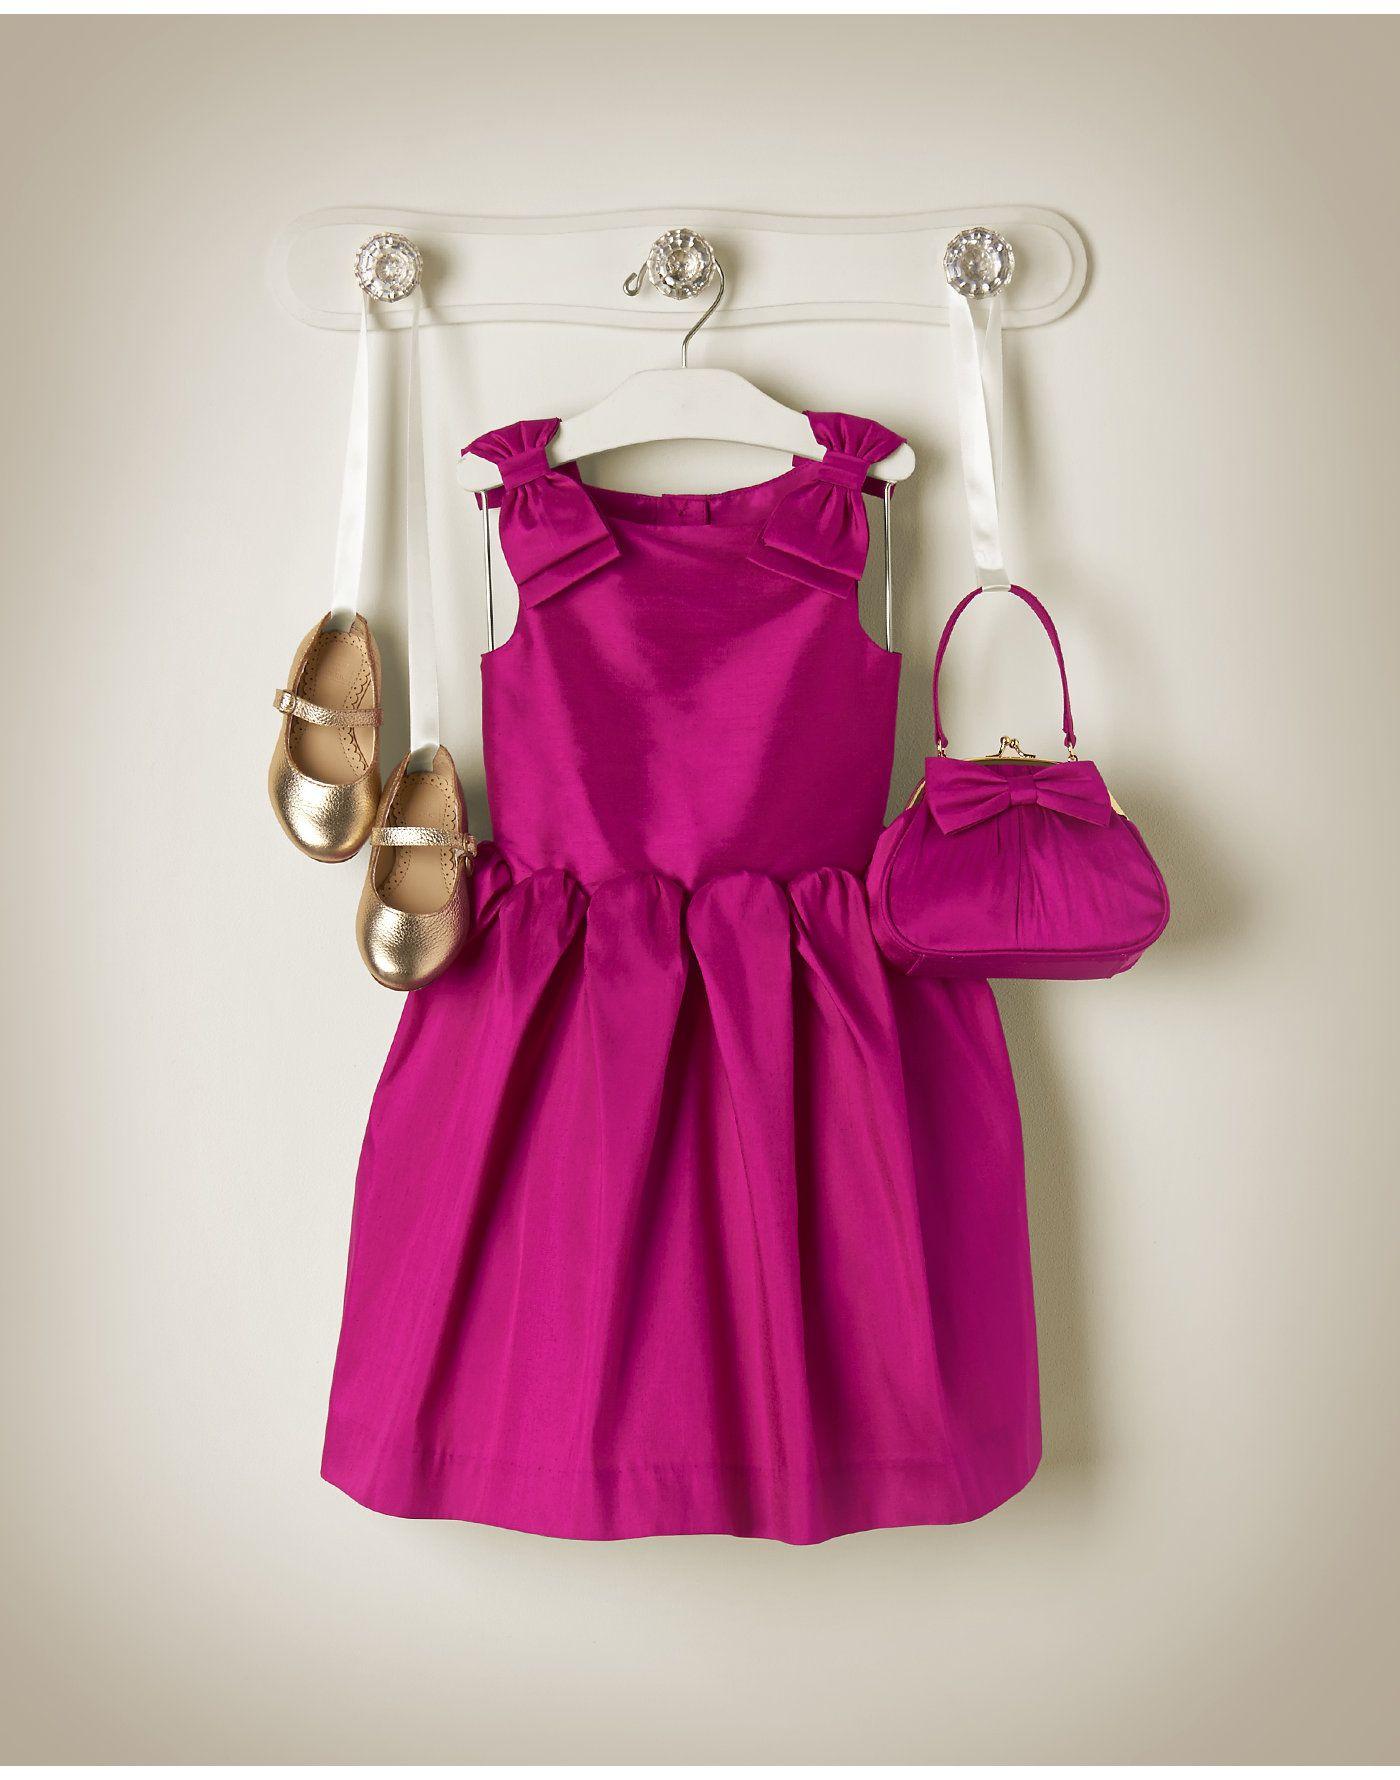 Pin de andrea zuñiga en Costura | Pinterest | Vestidos de niñas ...